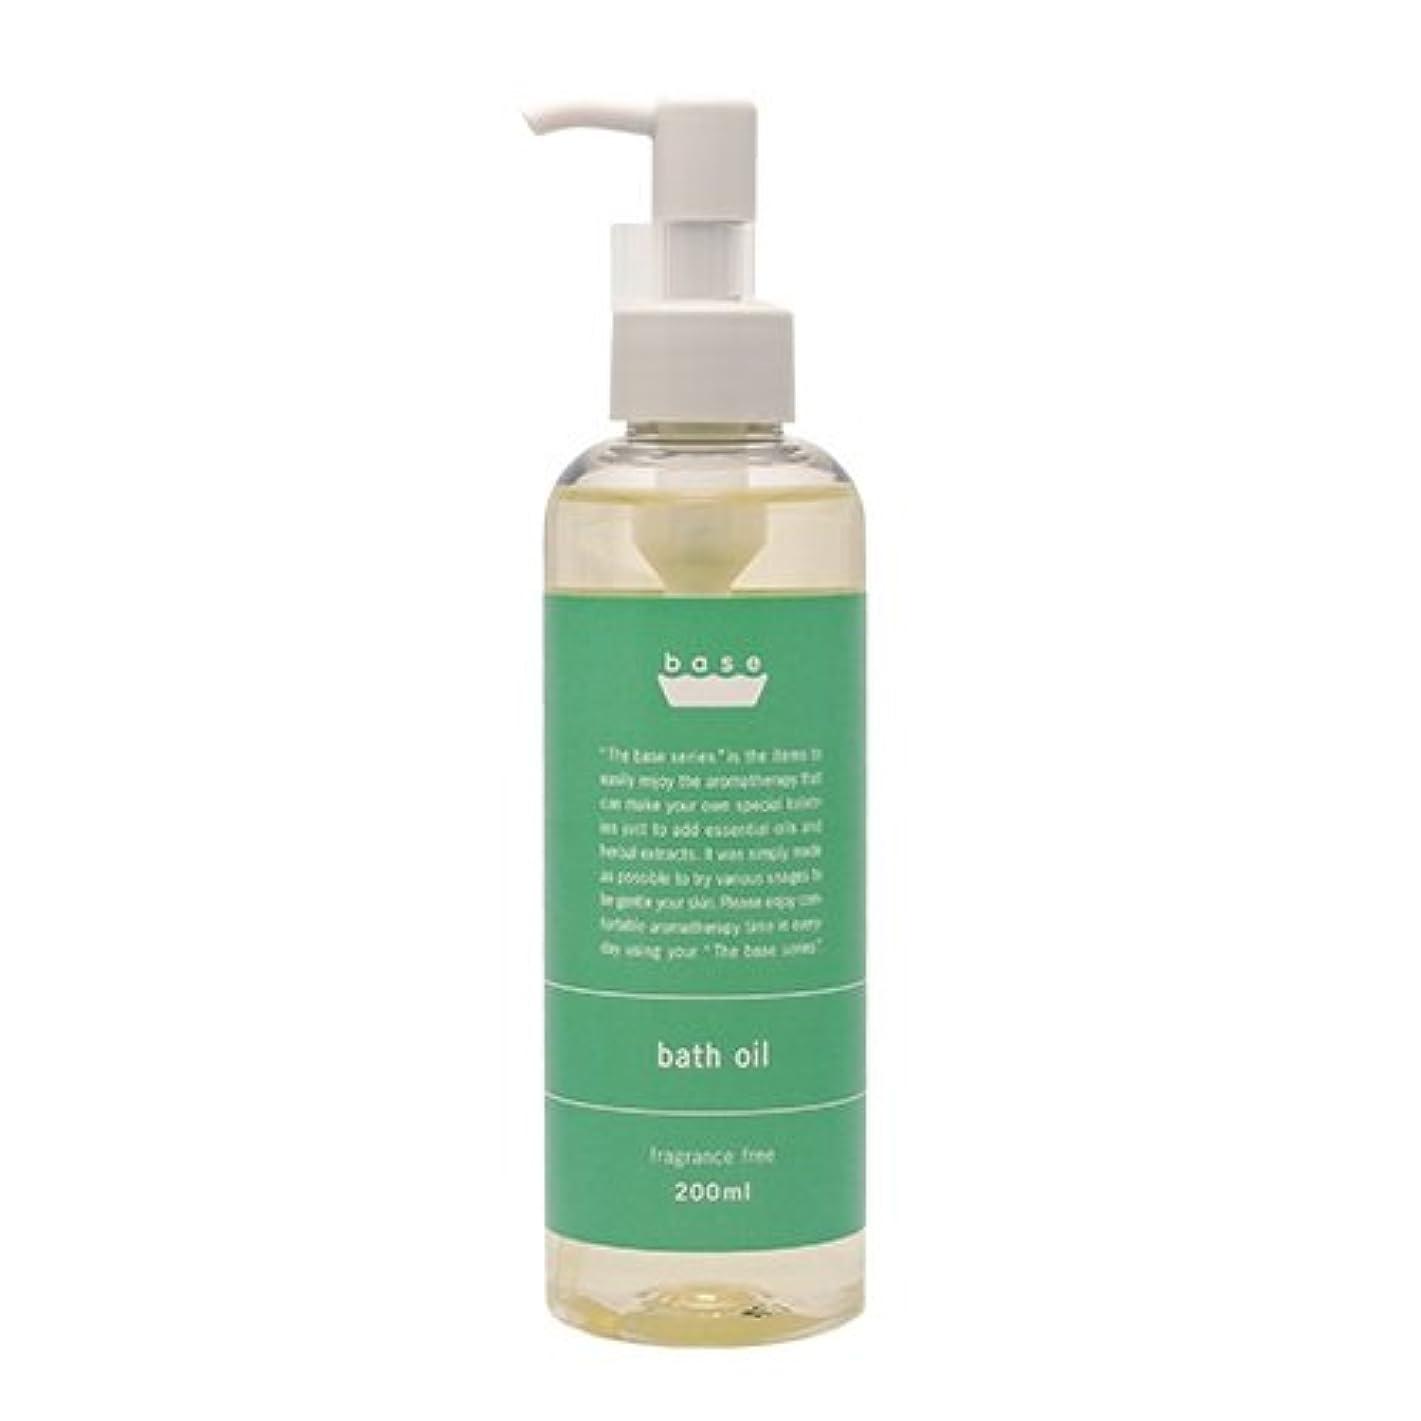 踏みつけ背が高い癒すbase bath oil(バスオイル)200ml